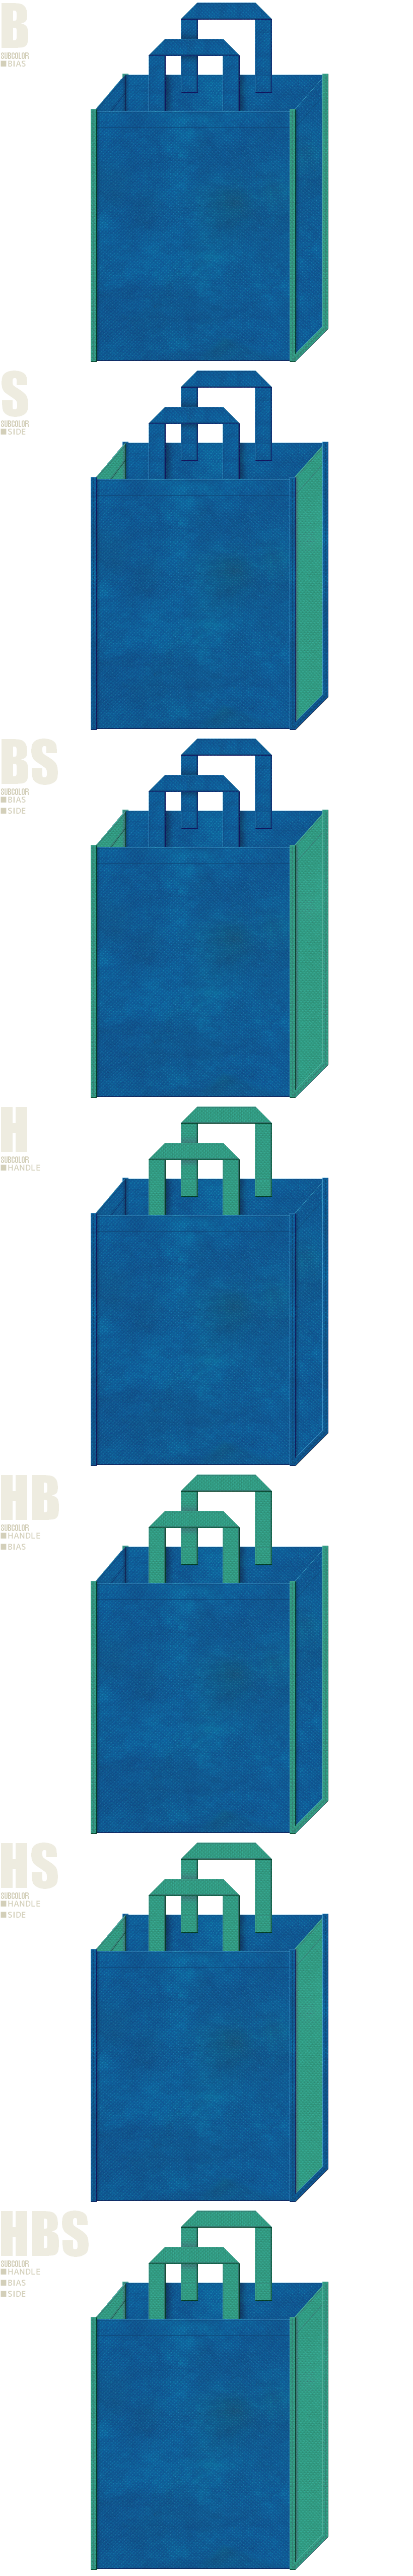 青色と青緑色の不織布バッグデザイン:配色7パターン